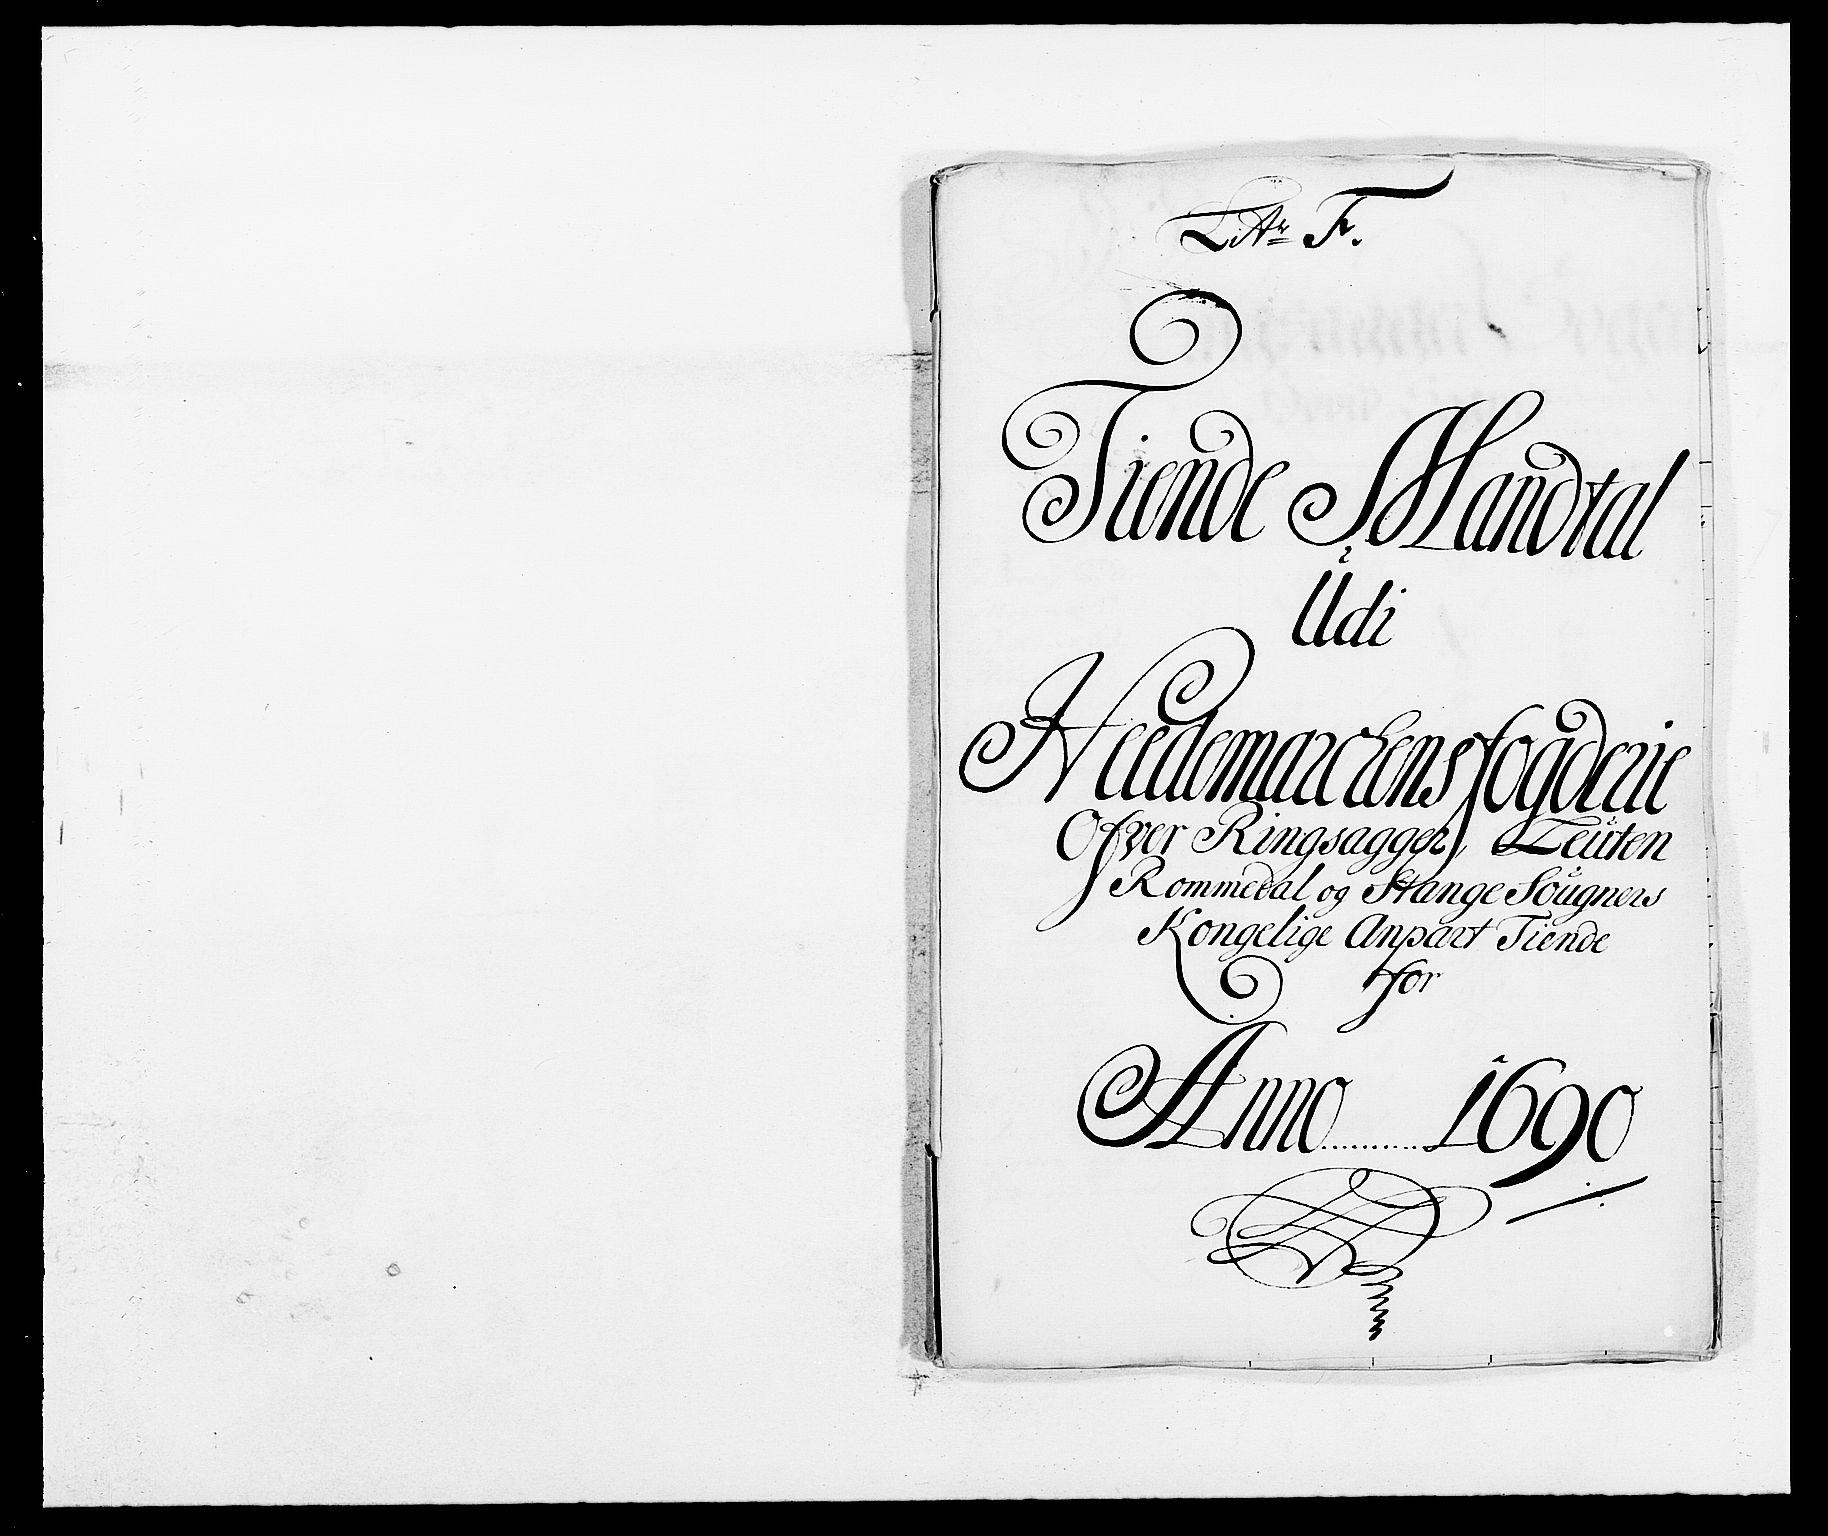 RA, Rentekammeret inntil 1814, Reviderte regnskaper, Fogderegnskap, R16/L1030: Fogderegnskap Hedmark, 1689-1691, s. 216